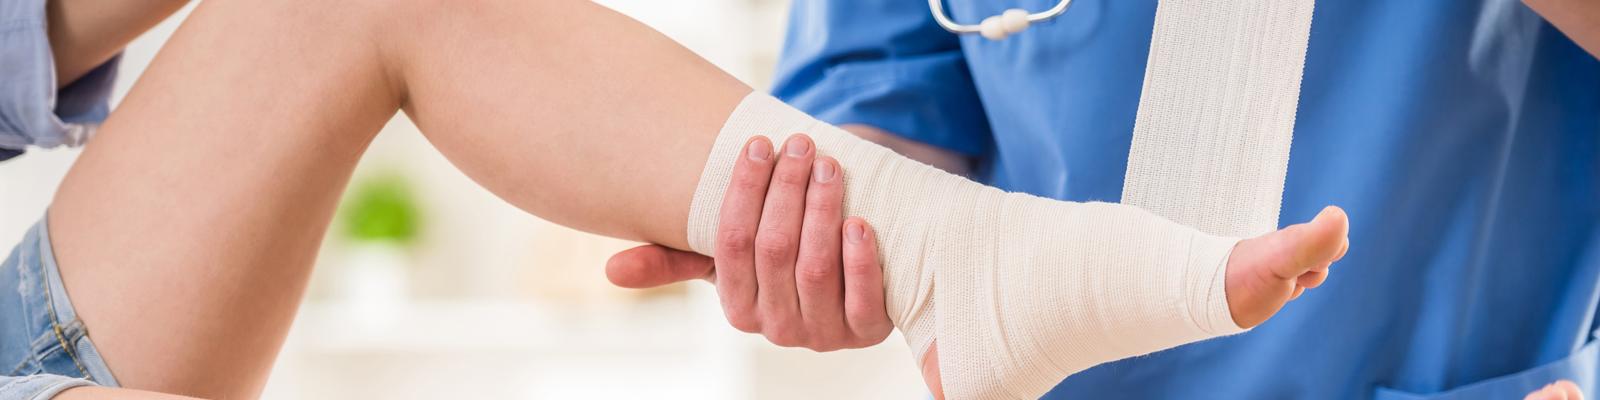 bokaízület kezelése külföldön zsibbadás és bizsergő fájdalom az ízületekben